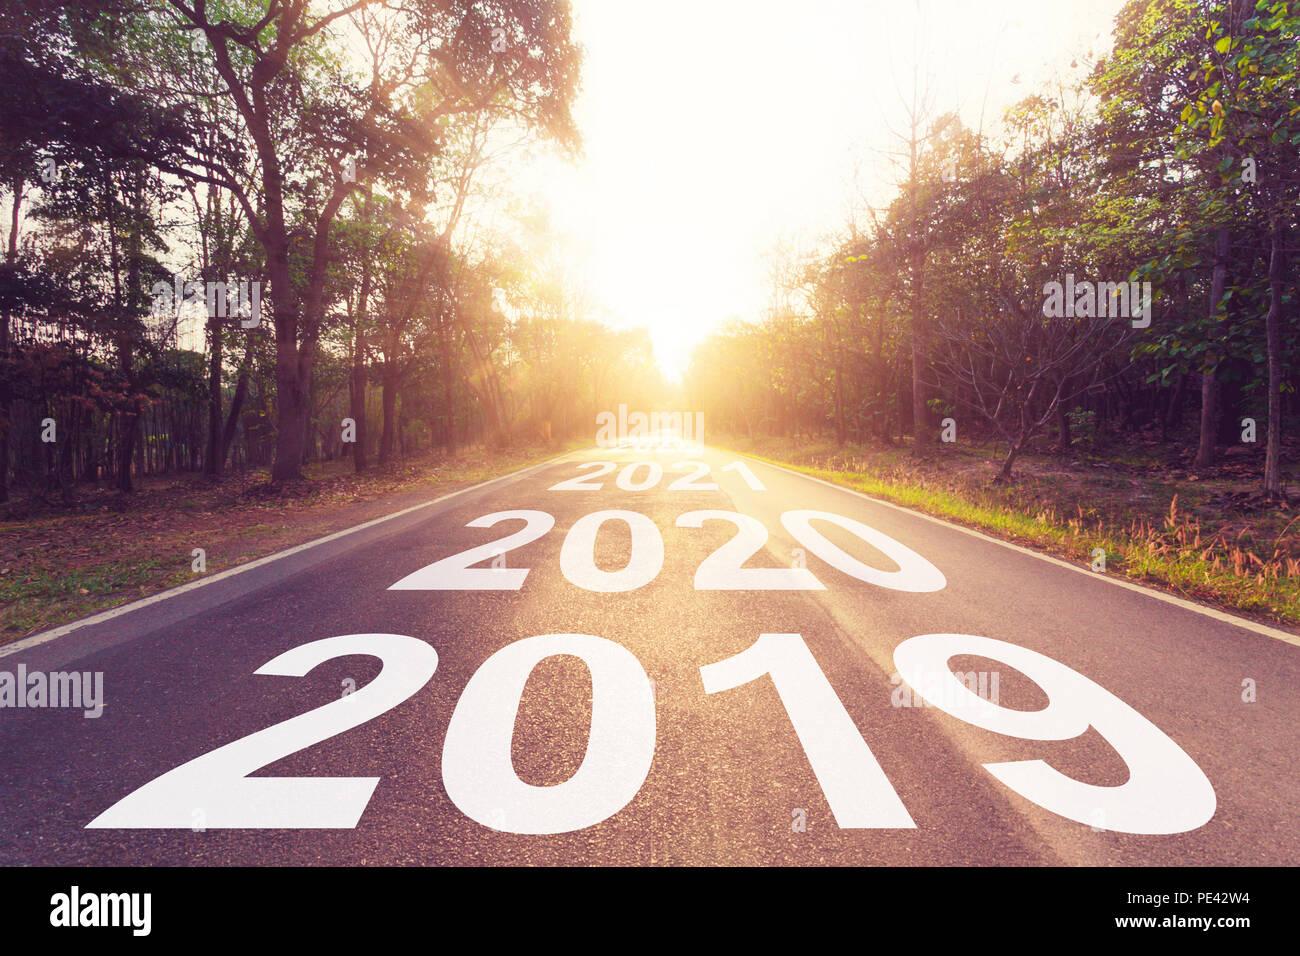 Vacíe el asfalto y el nuevo año 2019 concepto. Conducir en una carretera vacía a las metas de 2019. Imagen De Stock